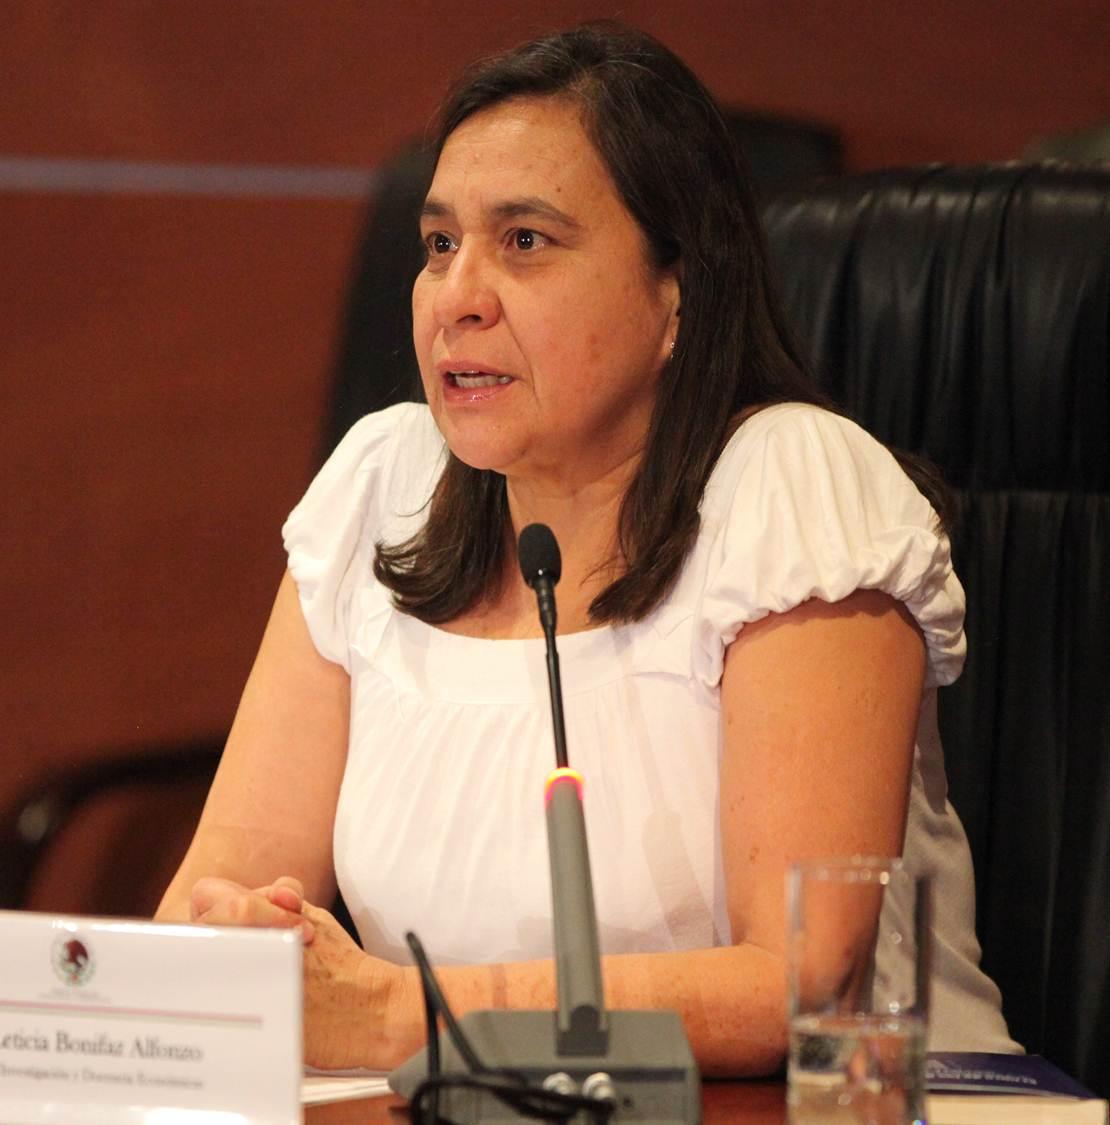 Dra. Leticia Bonifaz Alfonzo es electa como experta en el Comité para la Eliminación de la Discriminación contra la Mujer